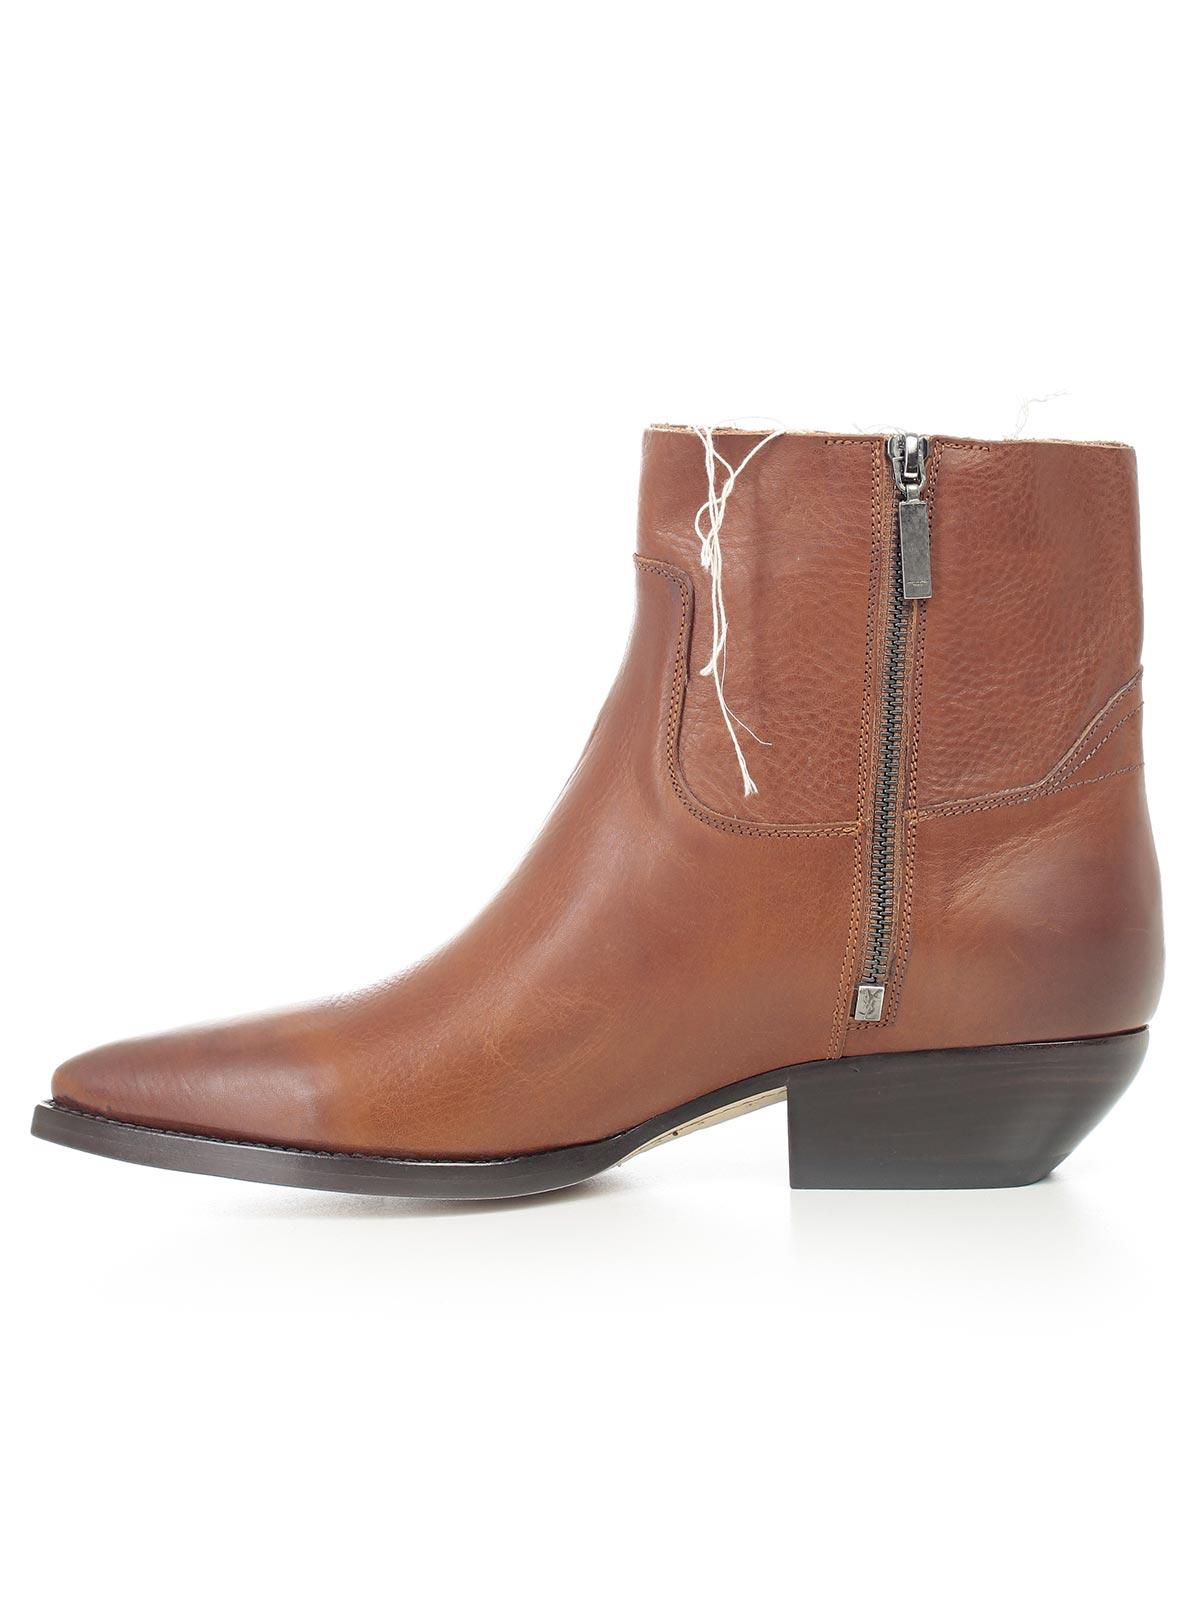 Picture of Saint Laurent Shoes